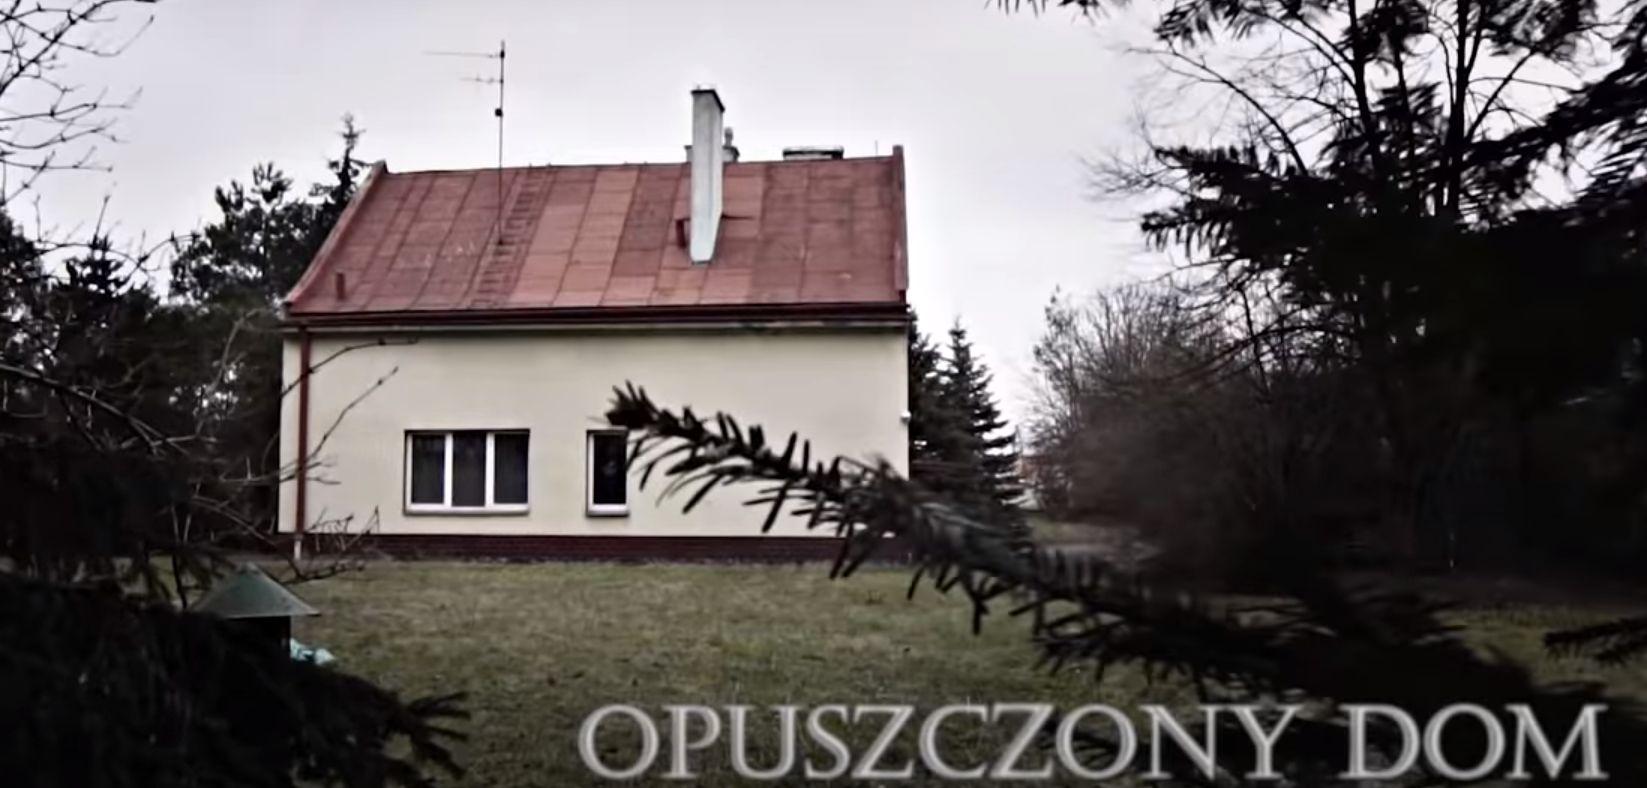 Podkarpacie: Mały domek skrywał przez lata jedną tajemnicę! Poznaj jego historię - Zdjęcie główne